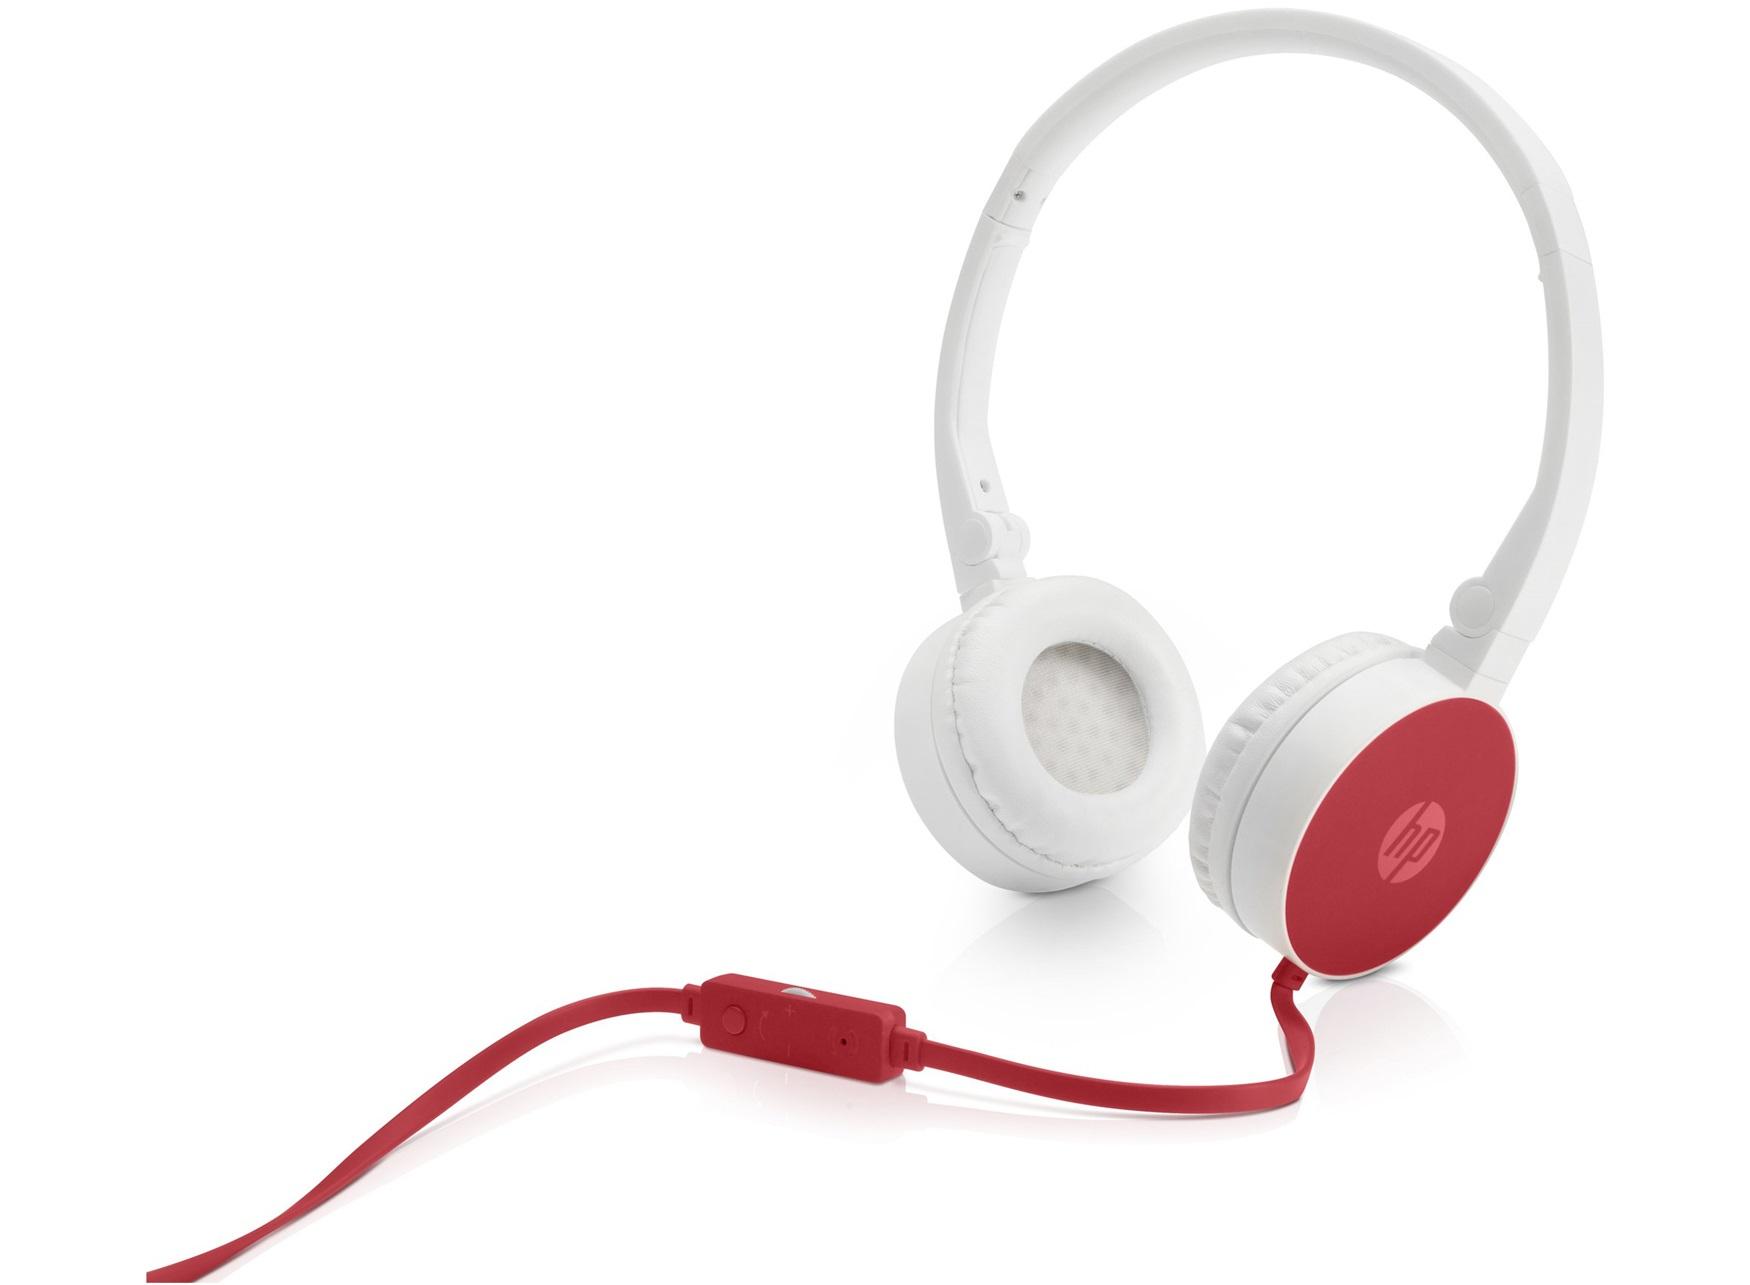 HP H2800 - Kopfhörer mit Mikrofon - On-Ear